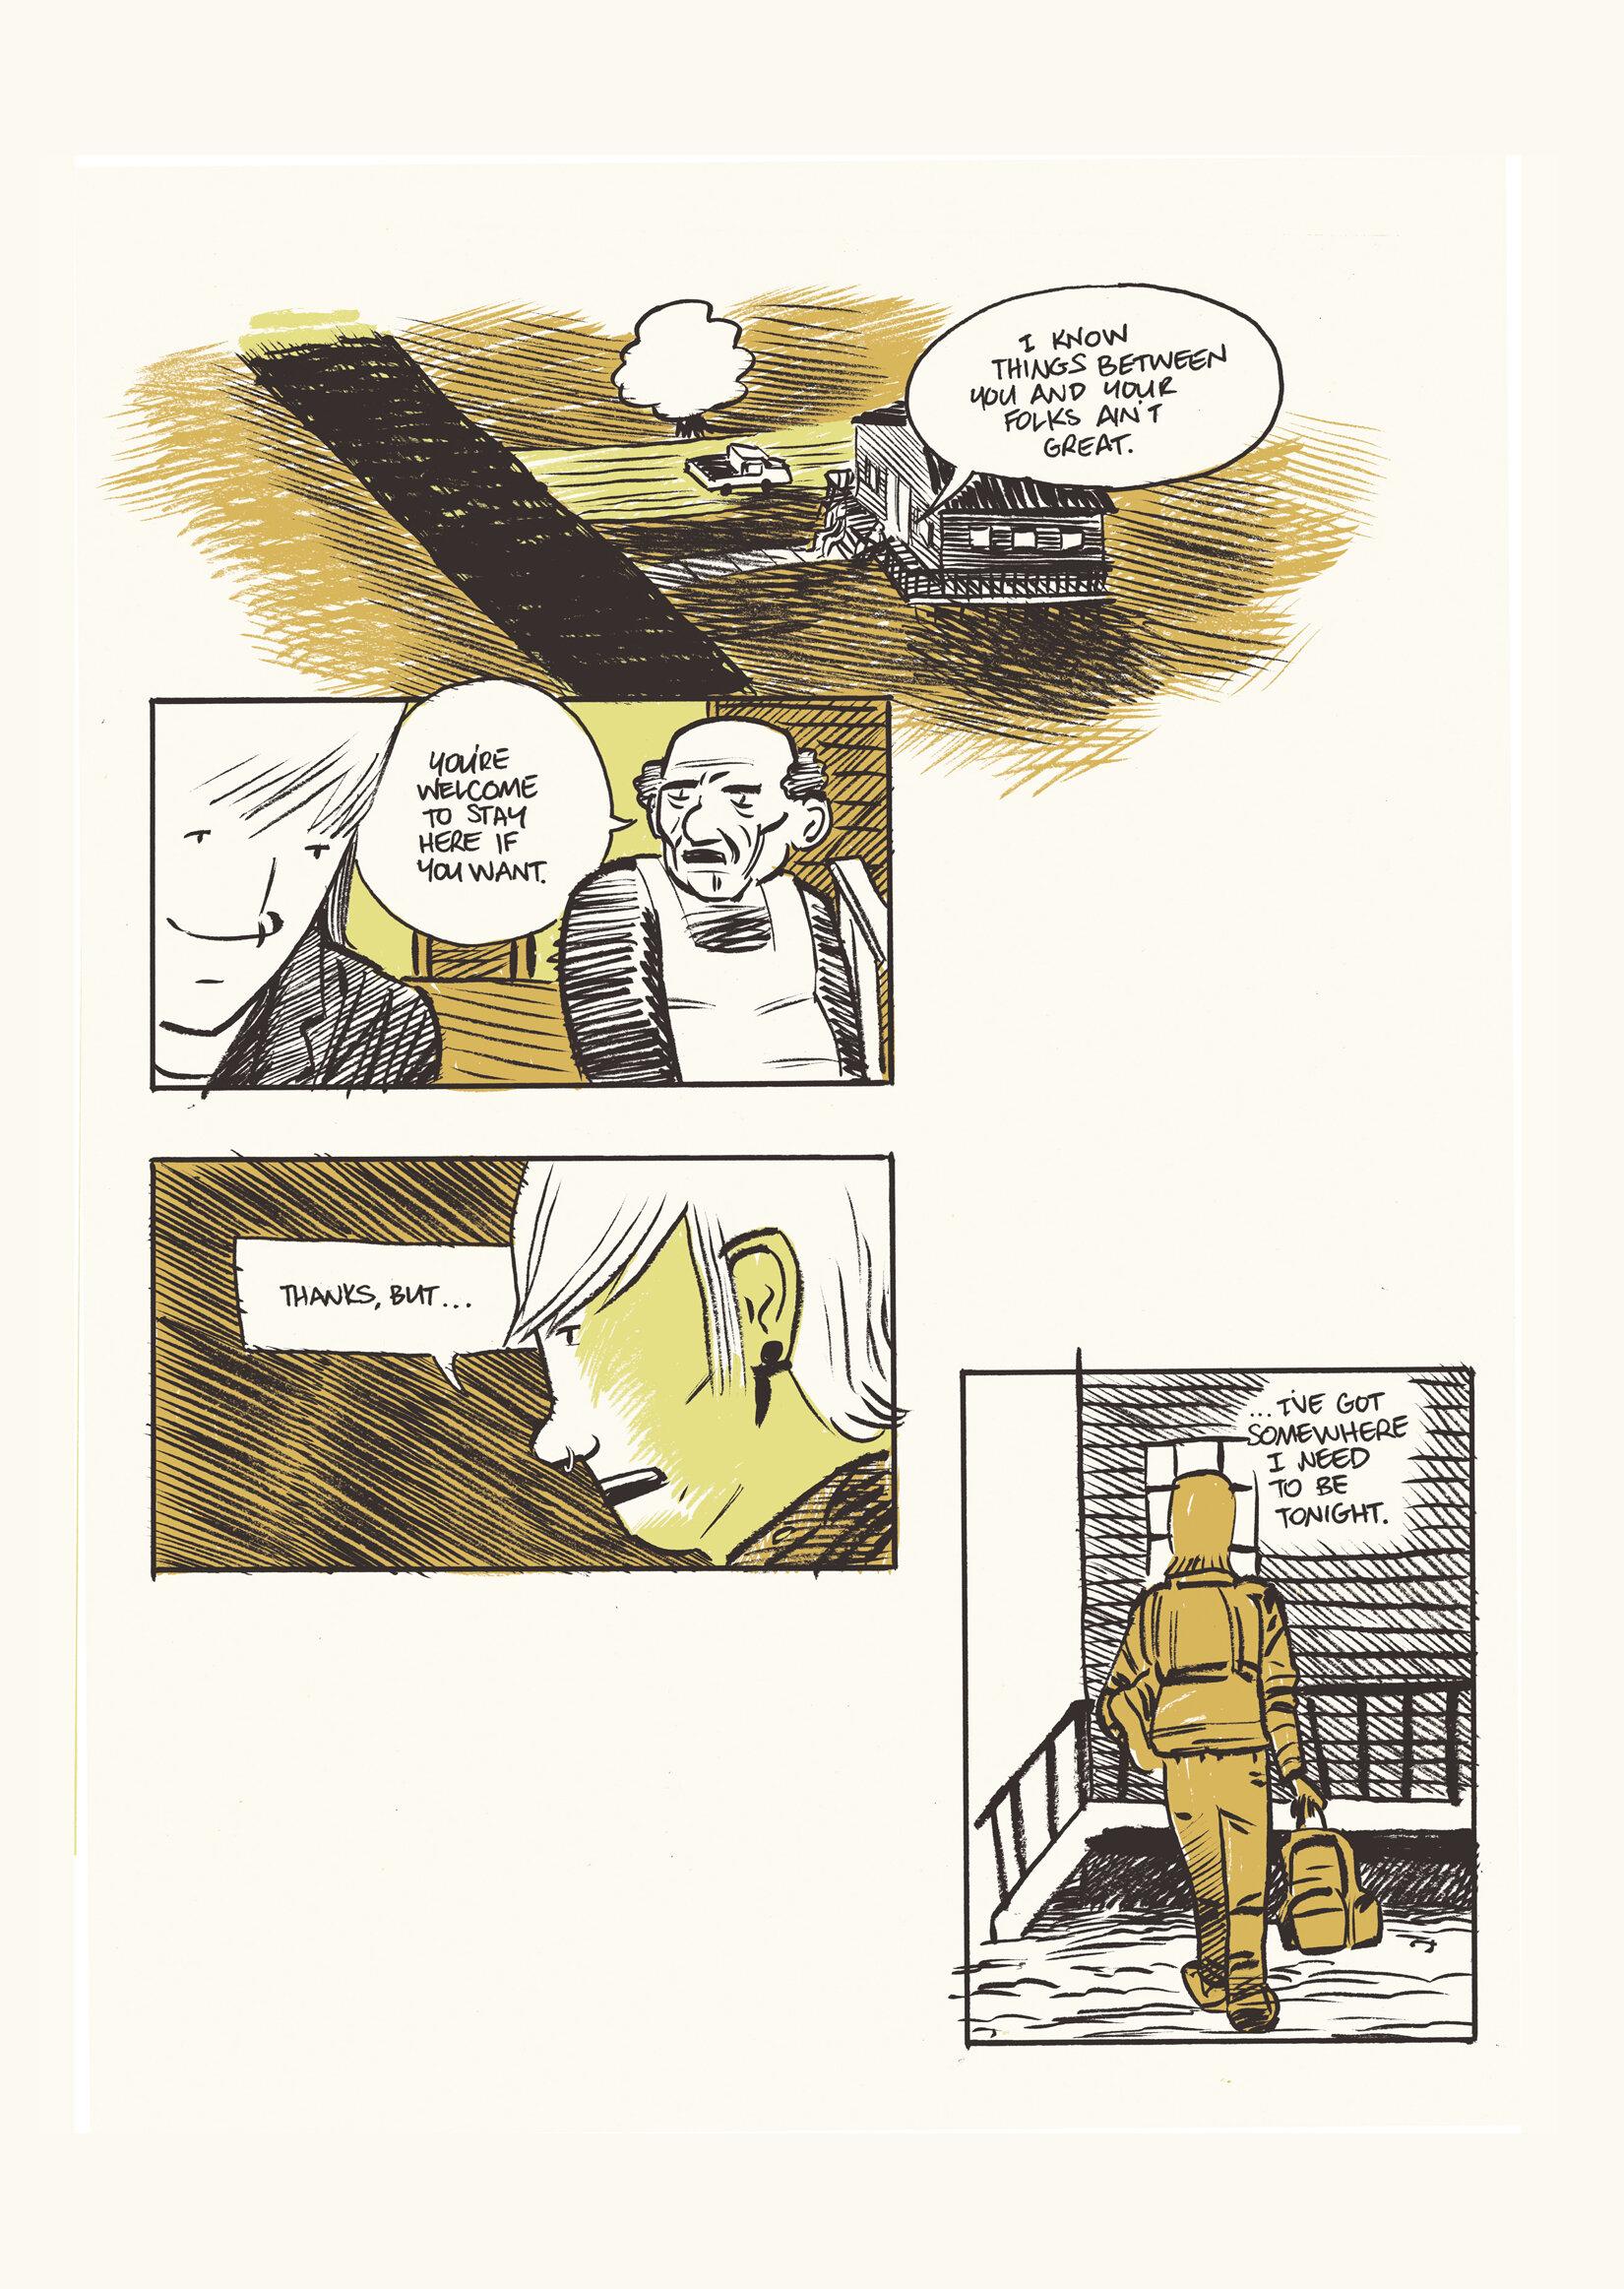 G Page 025.jpg